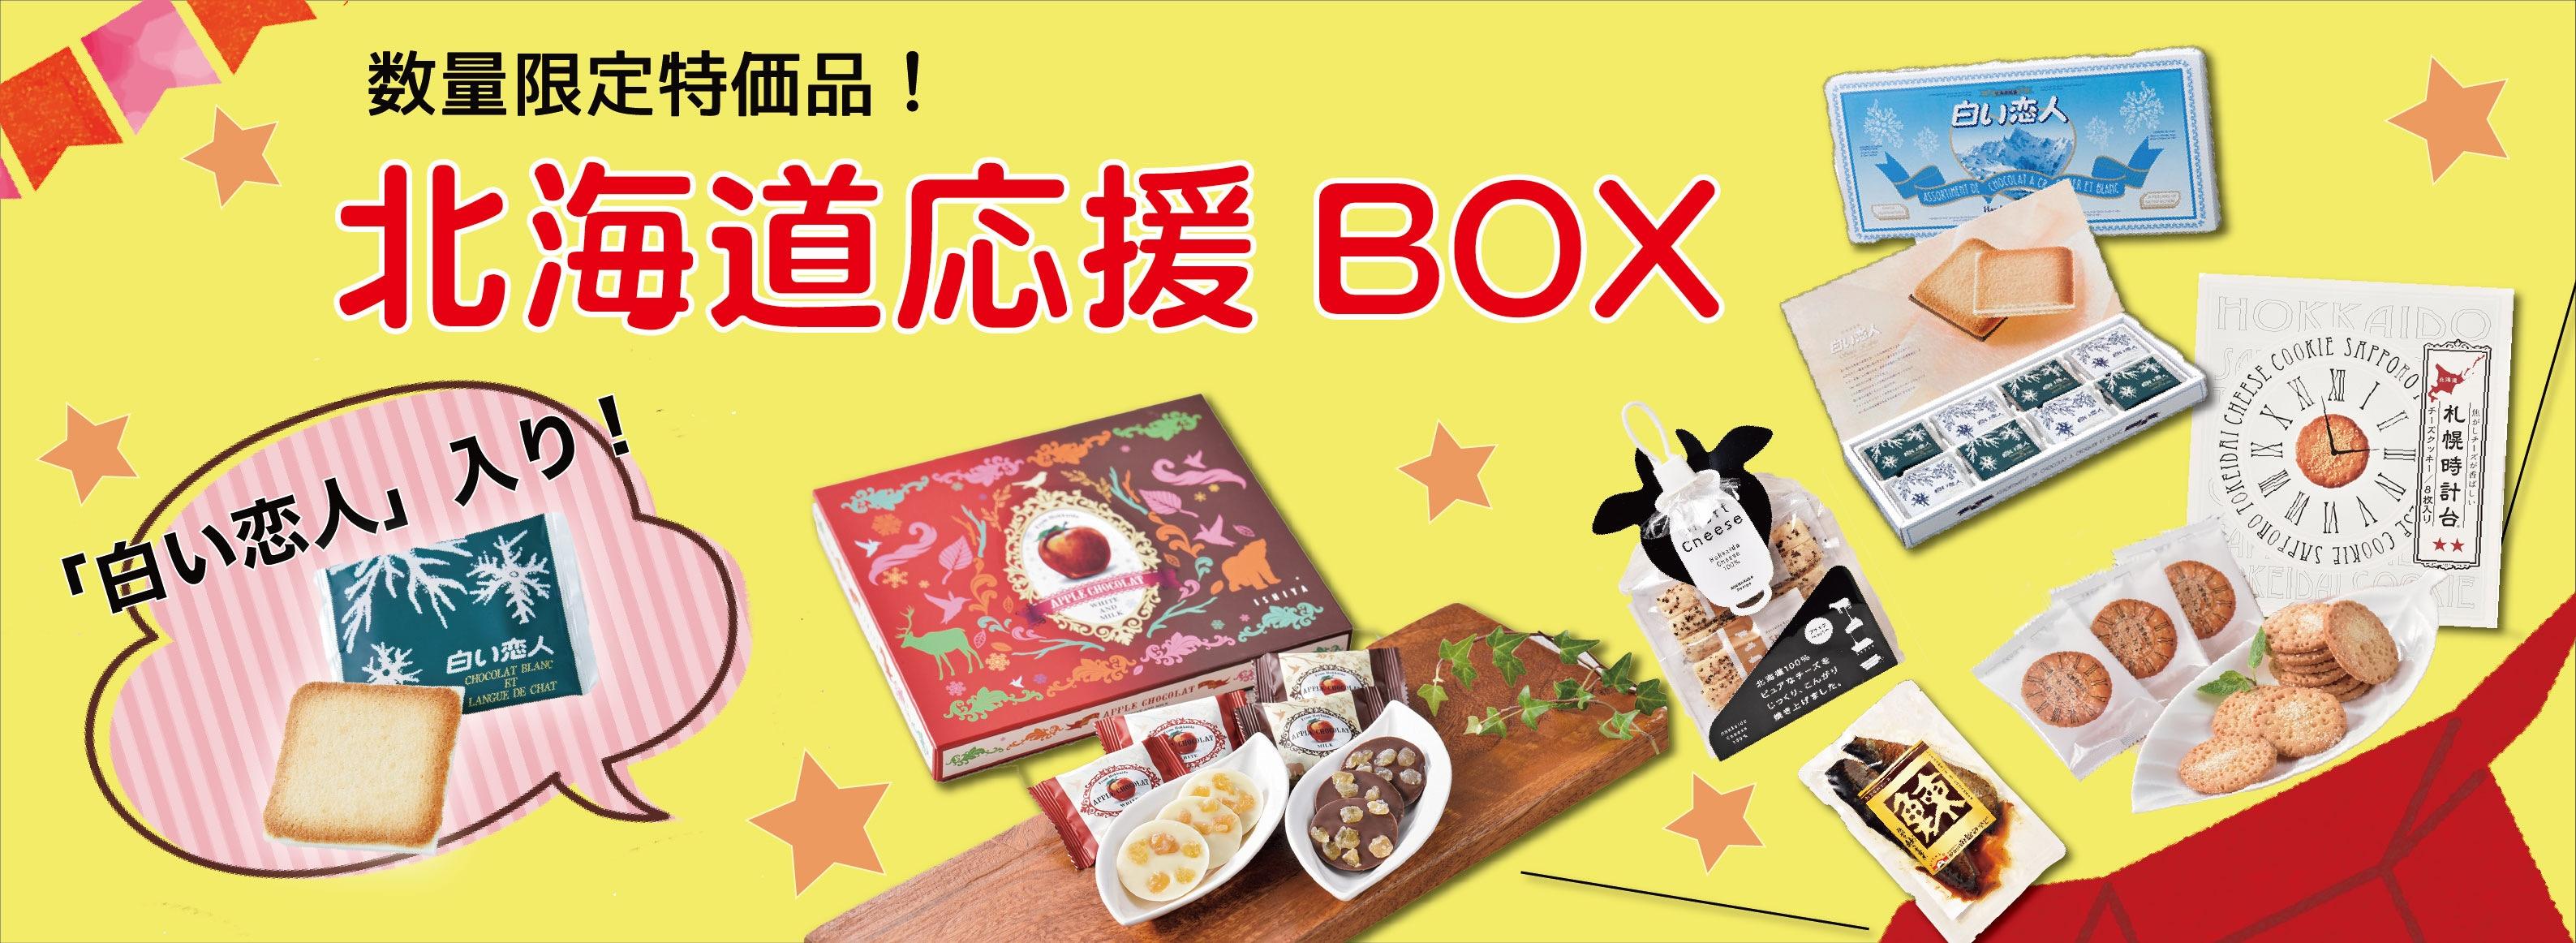 北海道応援BOX